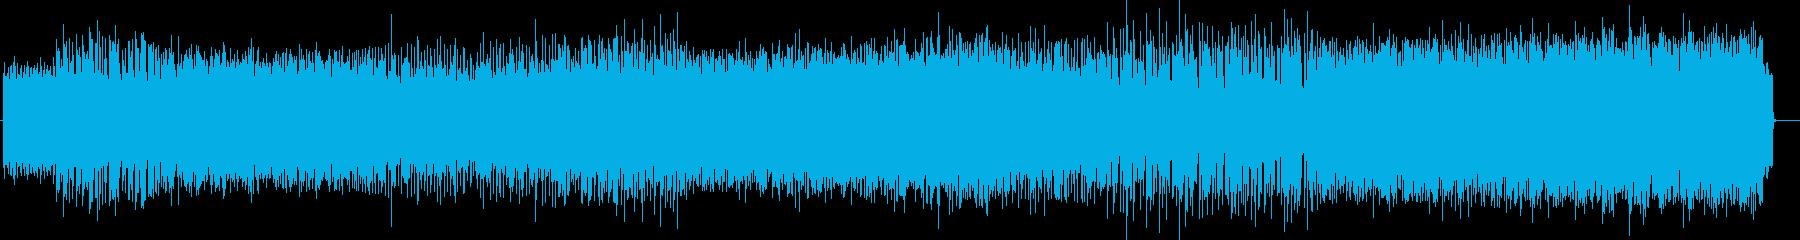 コミカルな電子音テクノ風サウンドの再生済みの波形